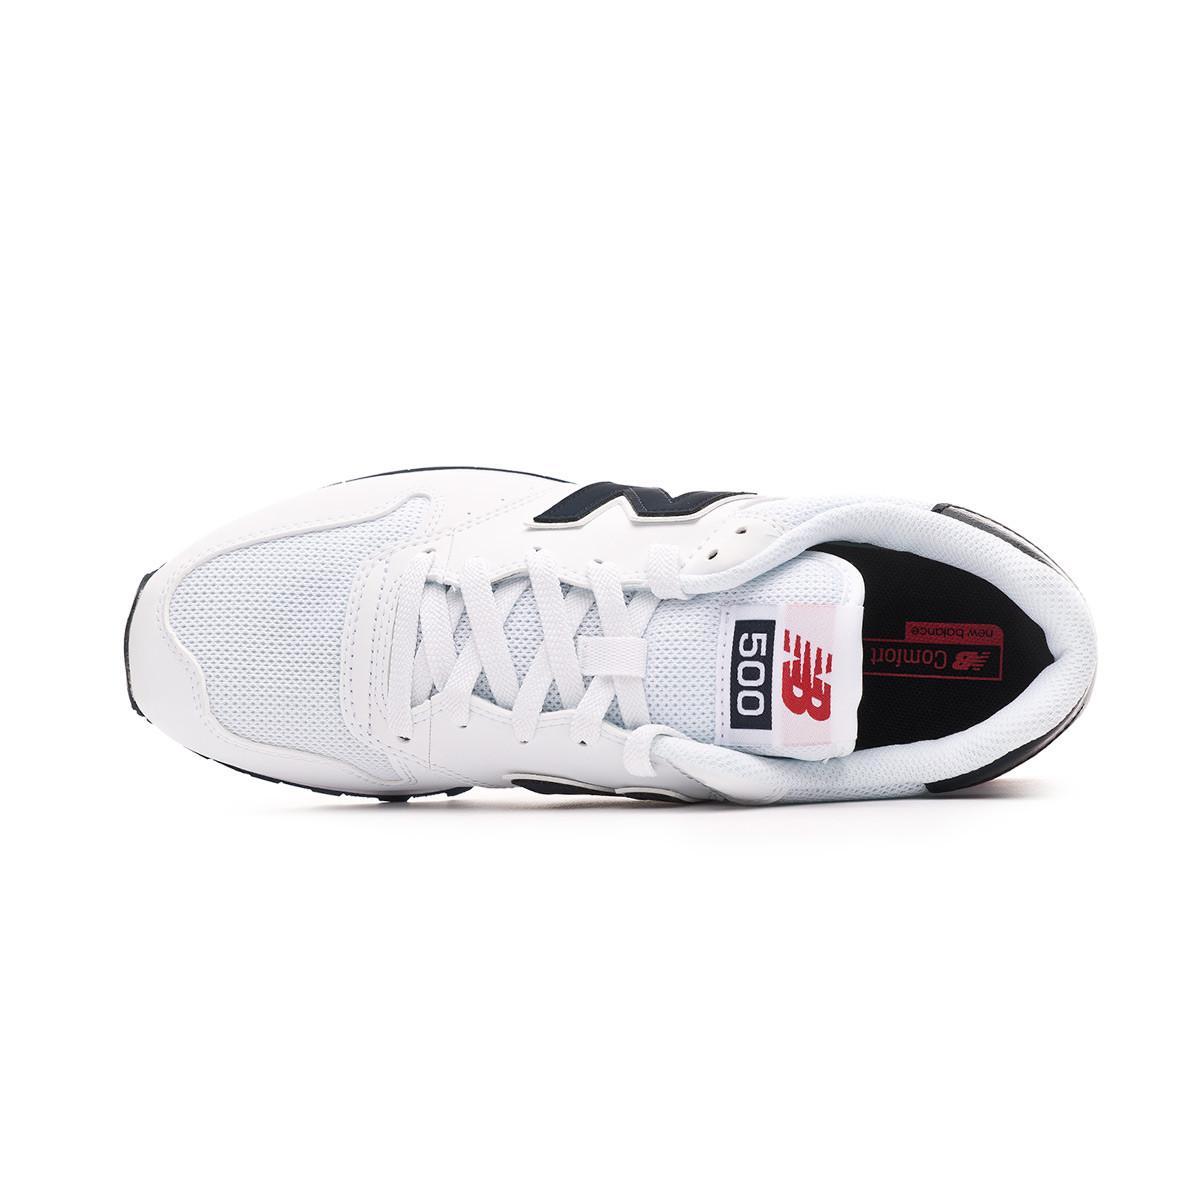 2d6a3a16f Sapatilha New Balance Sapatilhas New Balance 500 White White - Loja de  futebol Fútbol Emotion